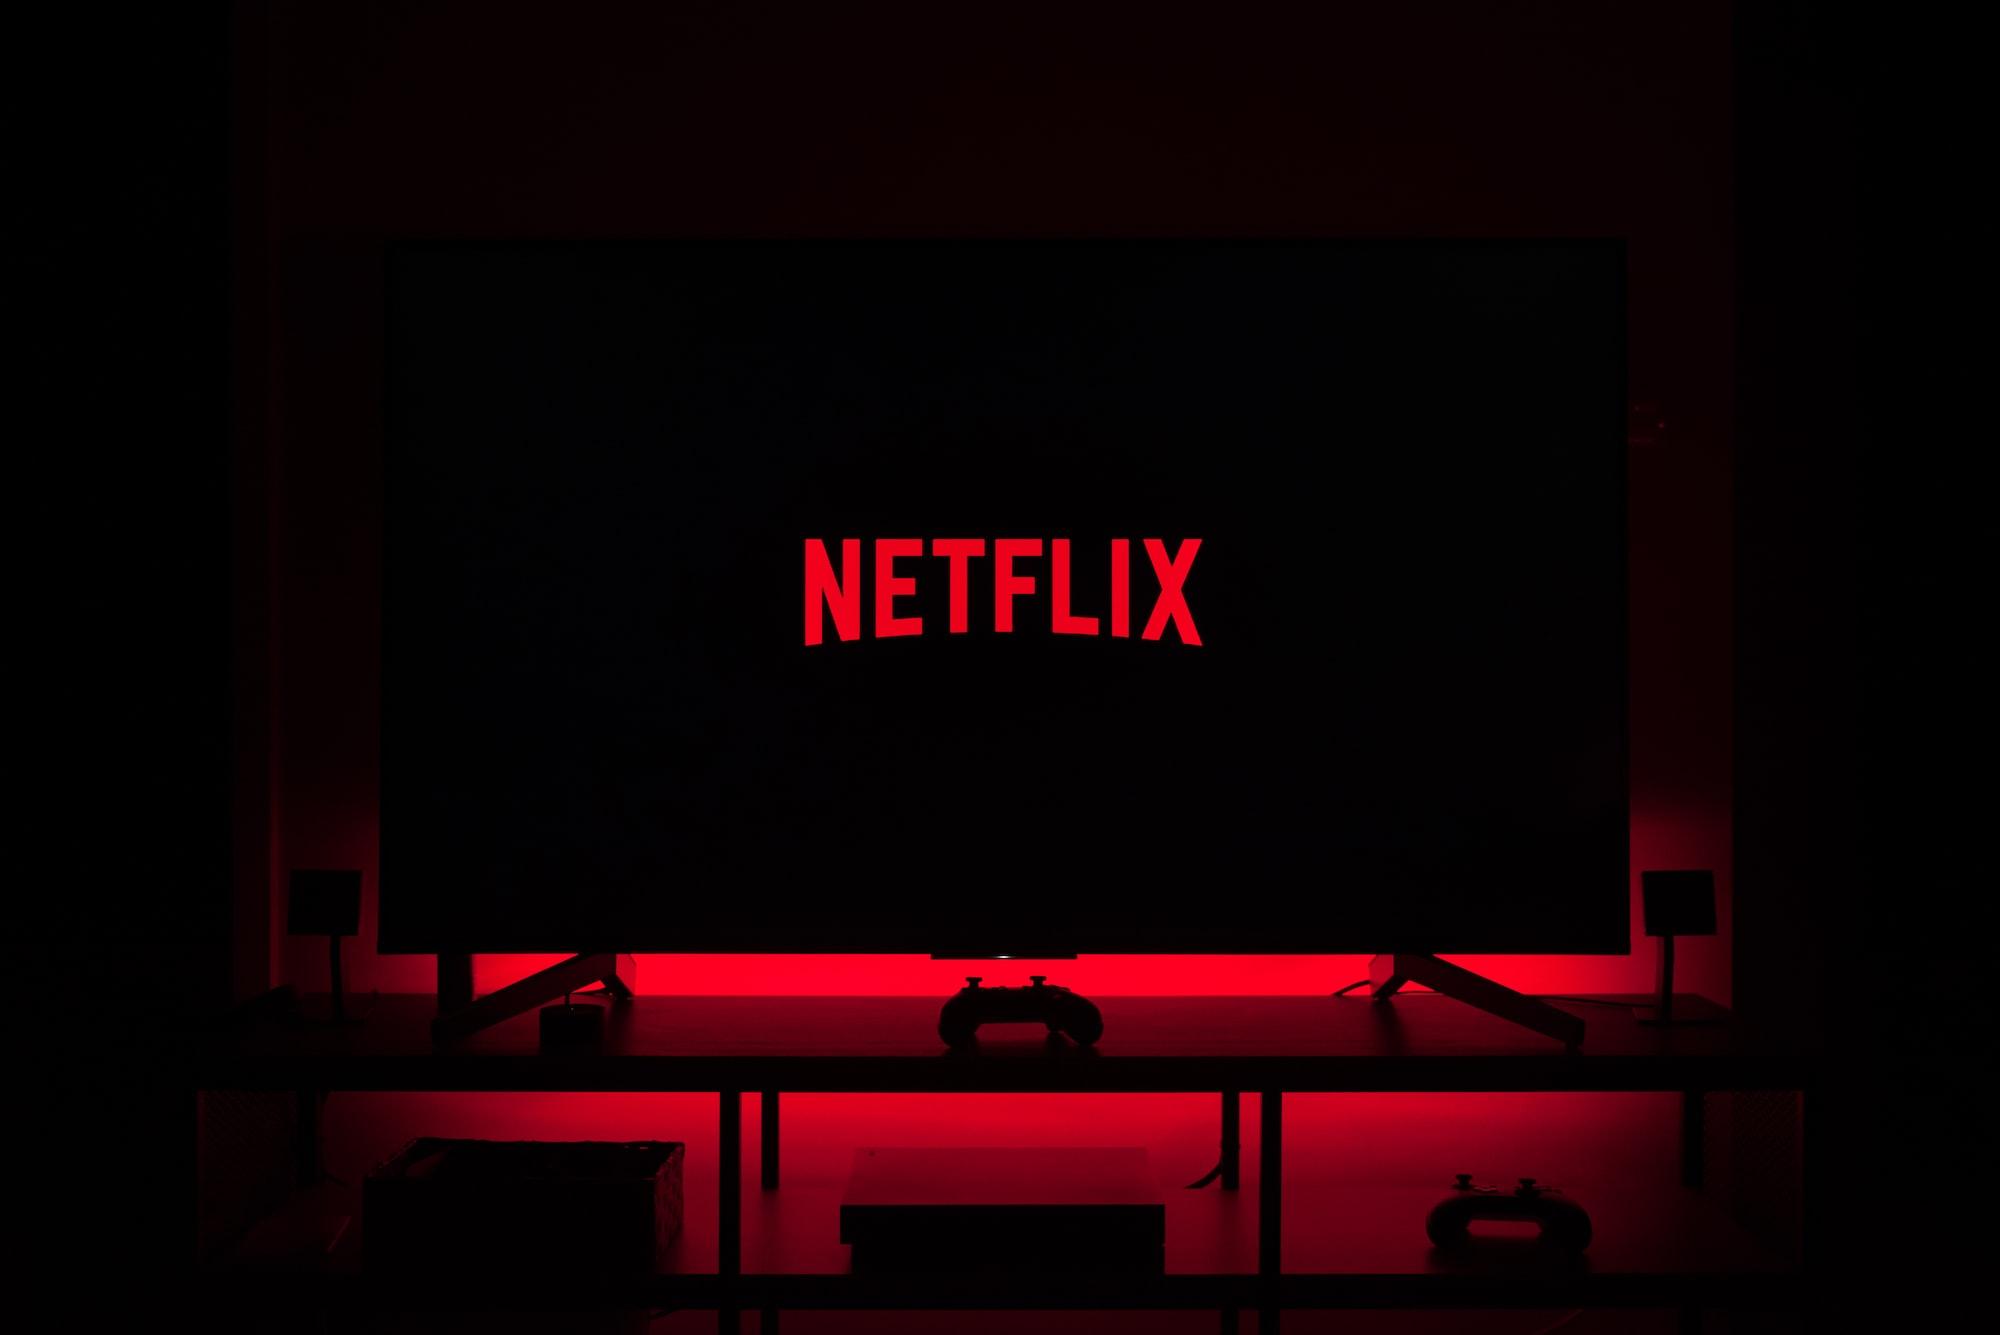 Netflix : Se lance dans le jeu vidéo sur mobile